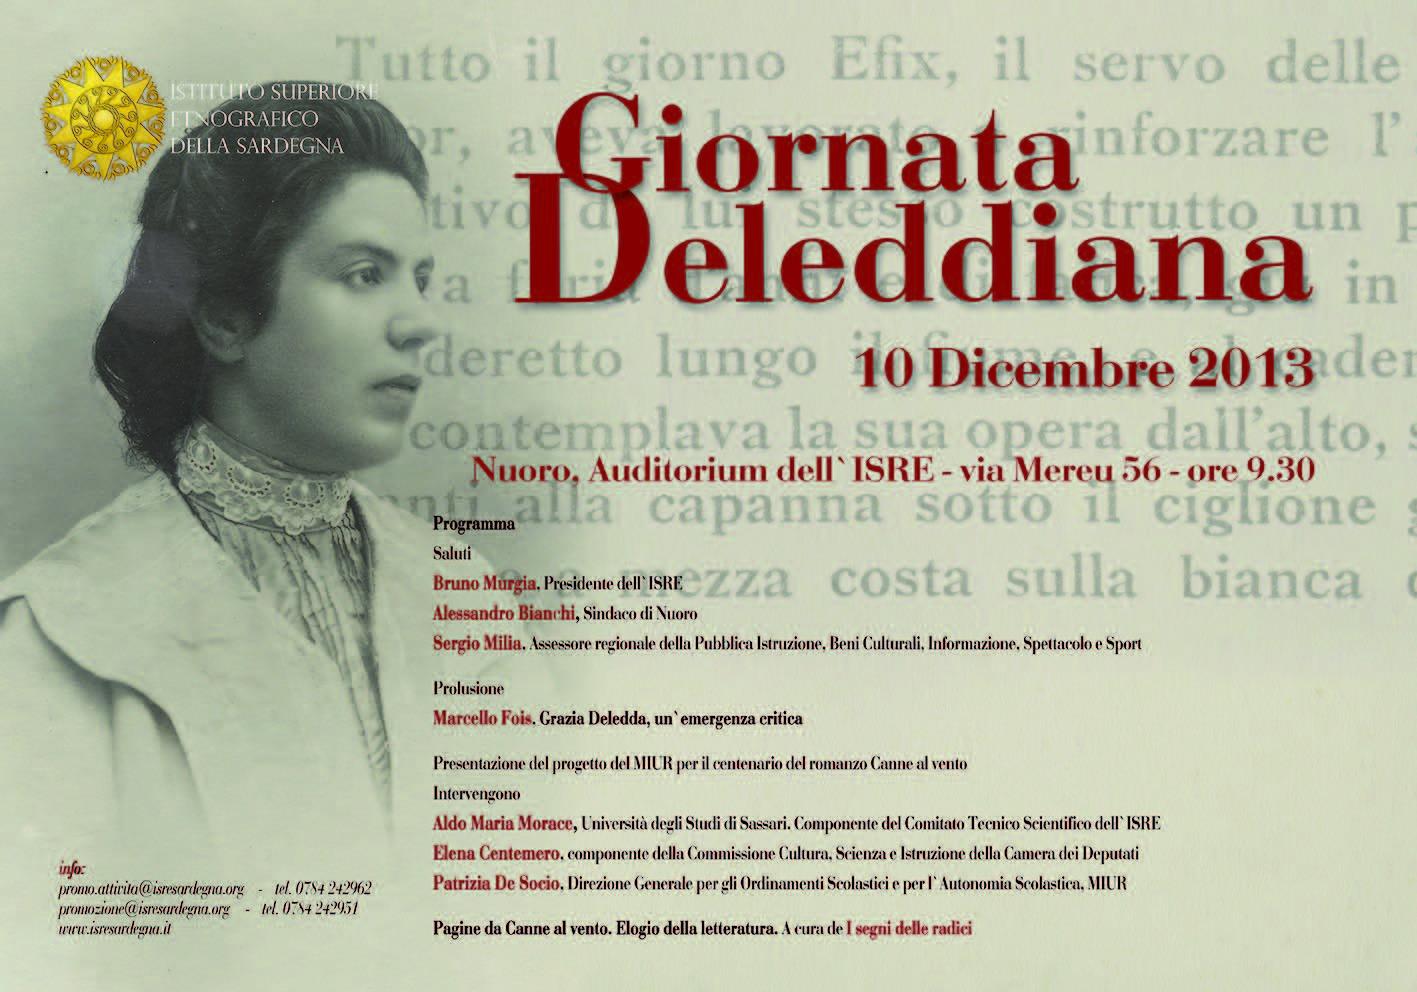 Giornata deleddiana 10 dicembre 2013 Istituto Superiore Etnografico della Sardegna Nuoro